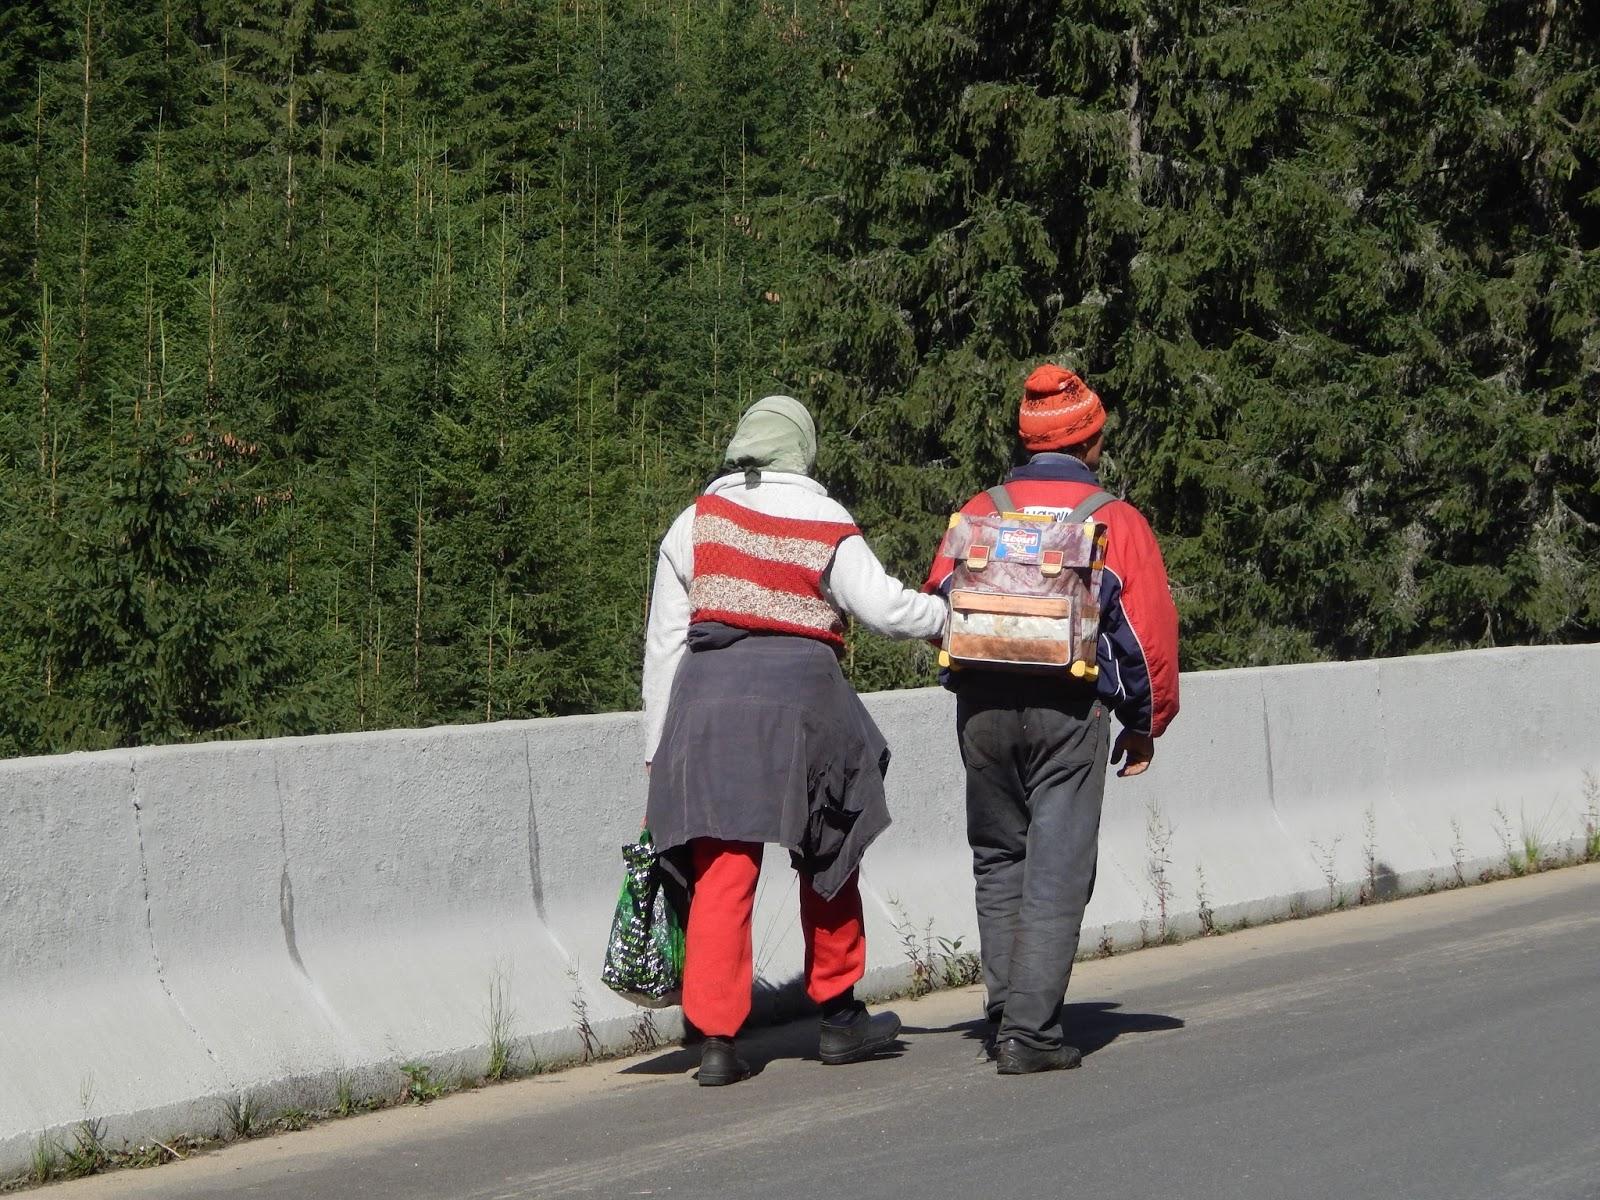 Podivný pár v Rumunských horách